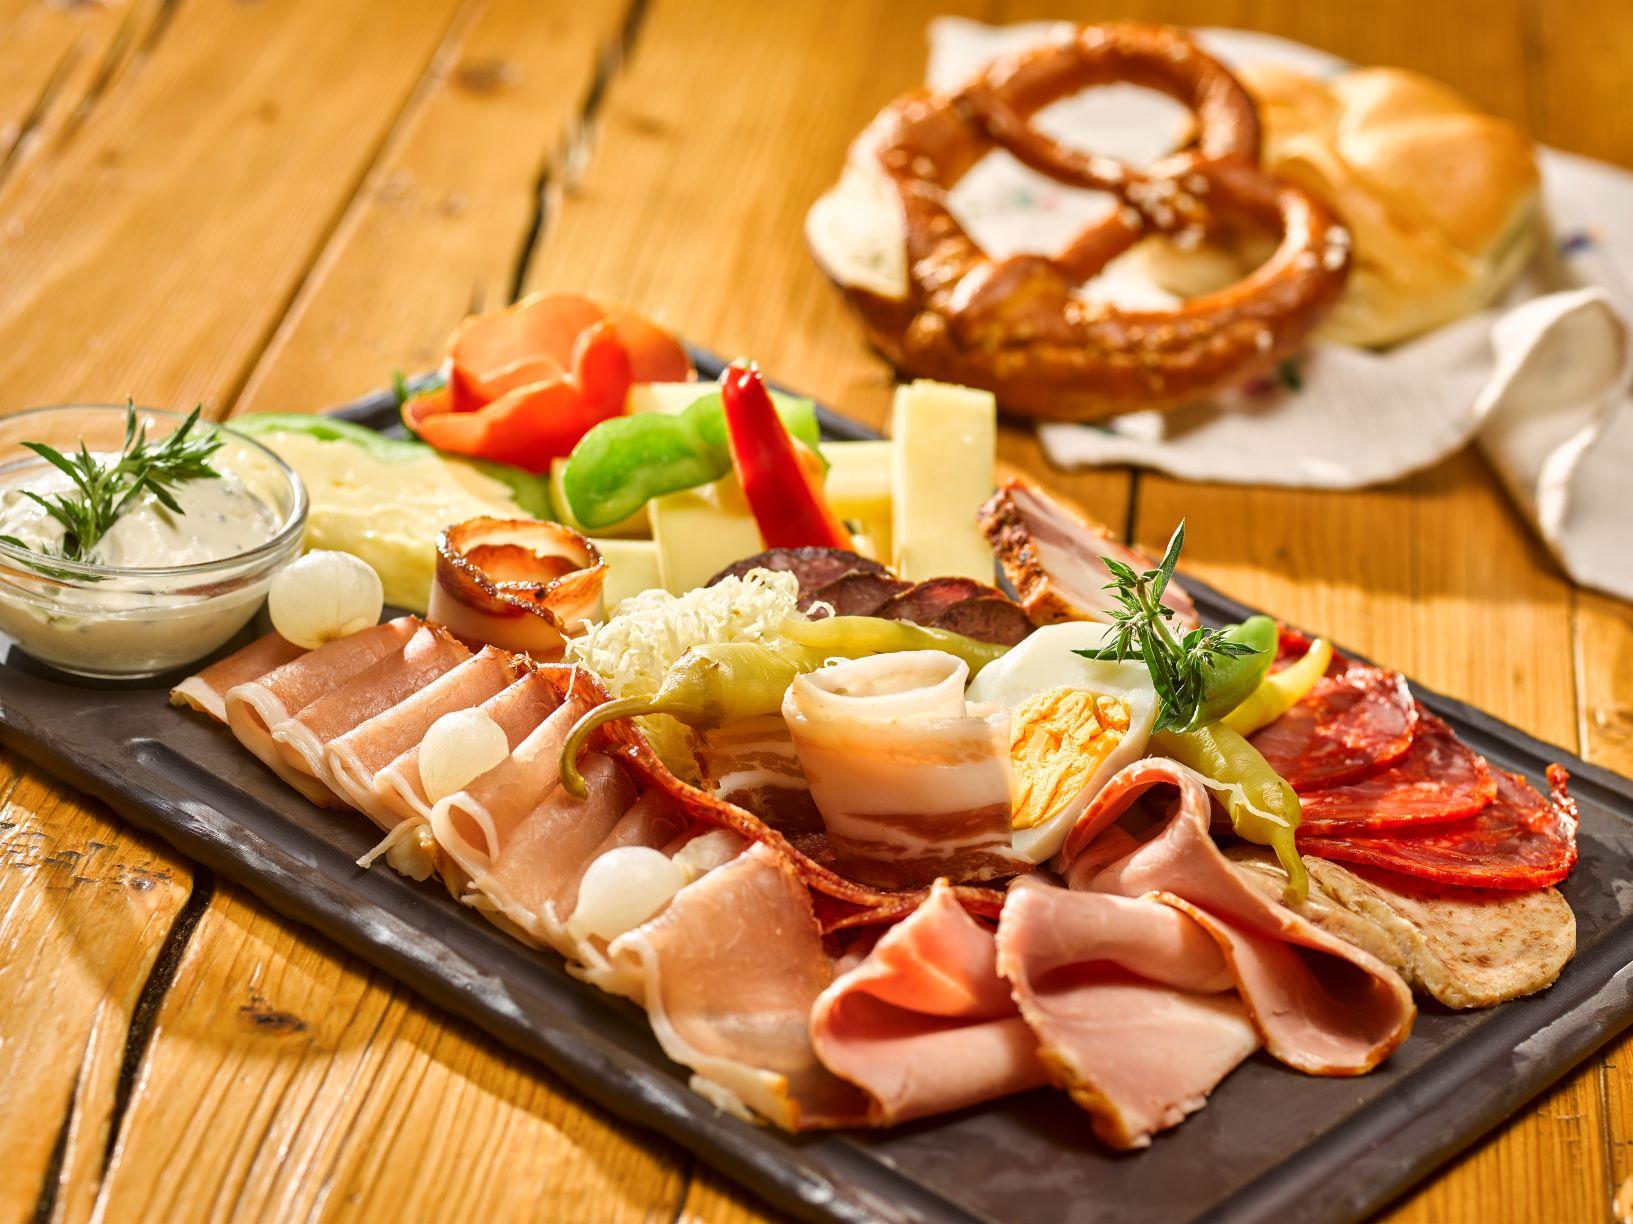 Jausenplatte mit Speck und Käse